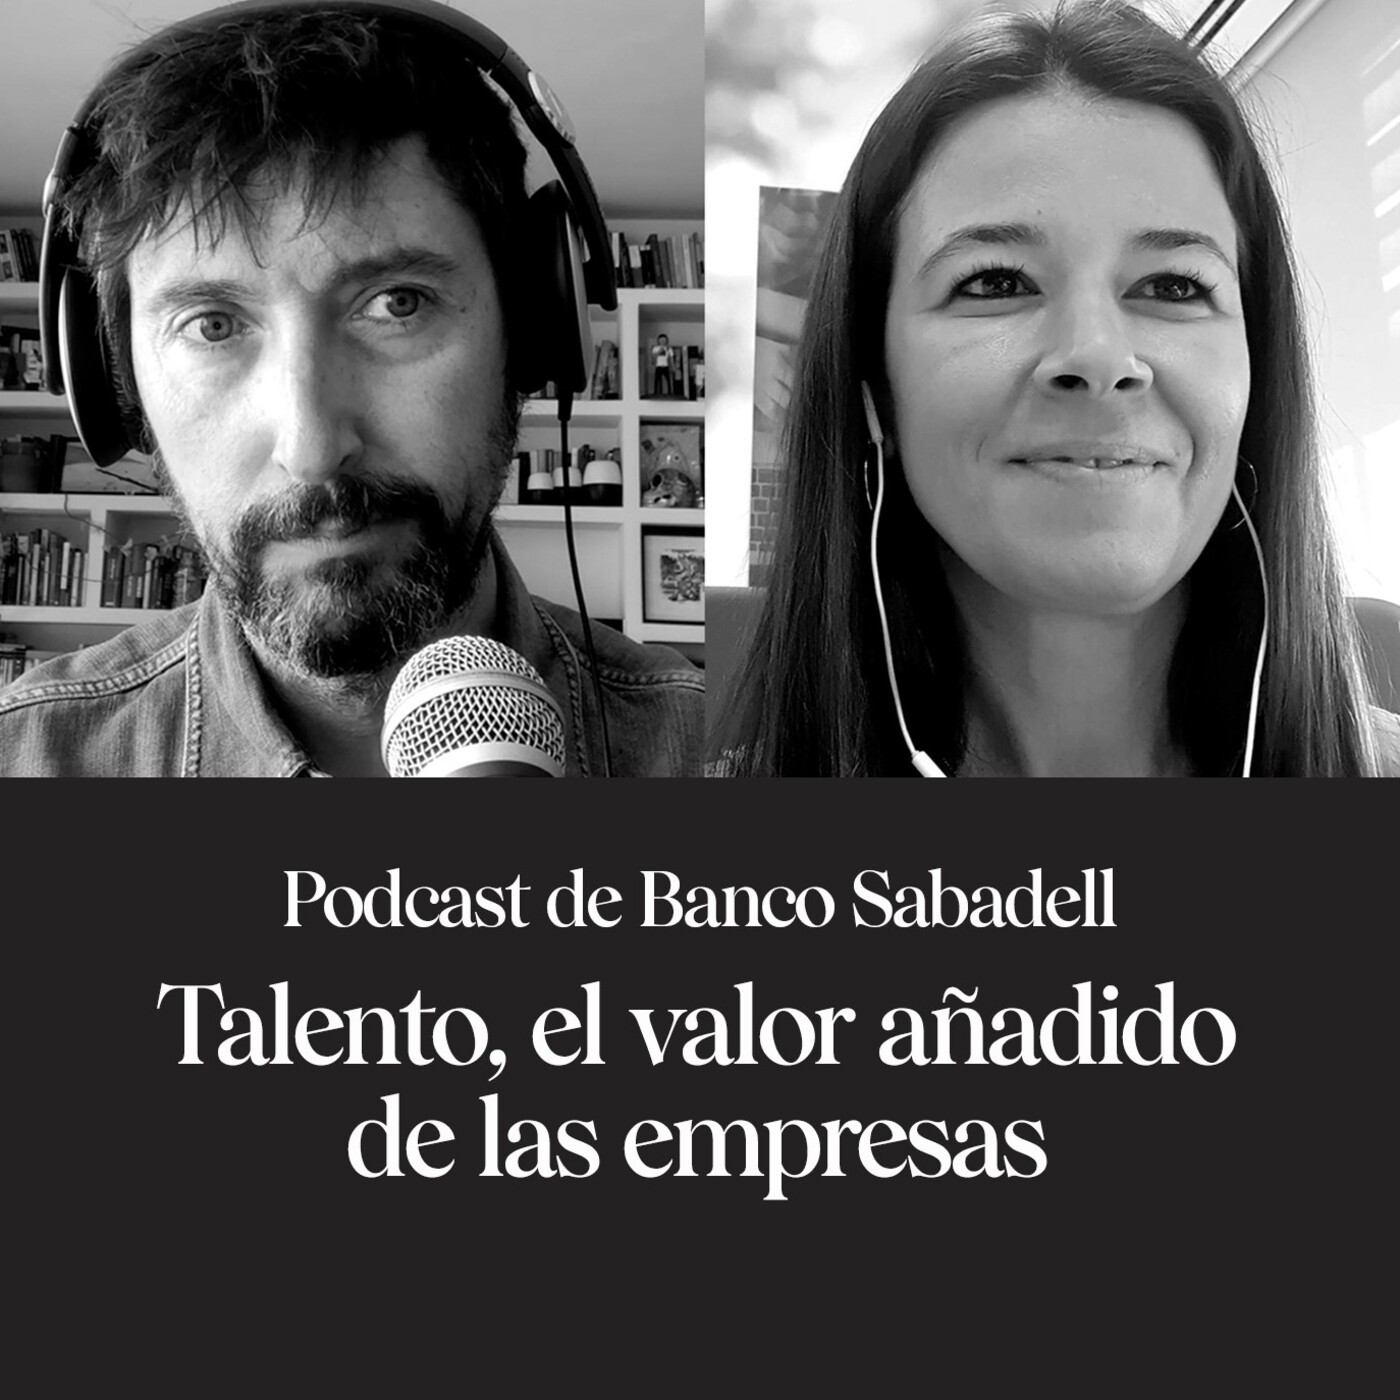 Talento, el valor añadido de las empresas